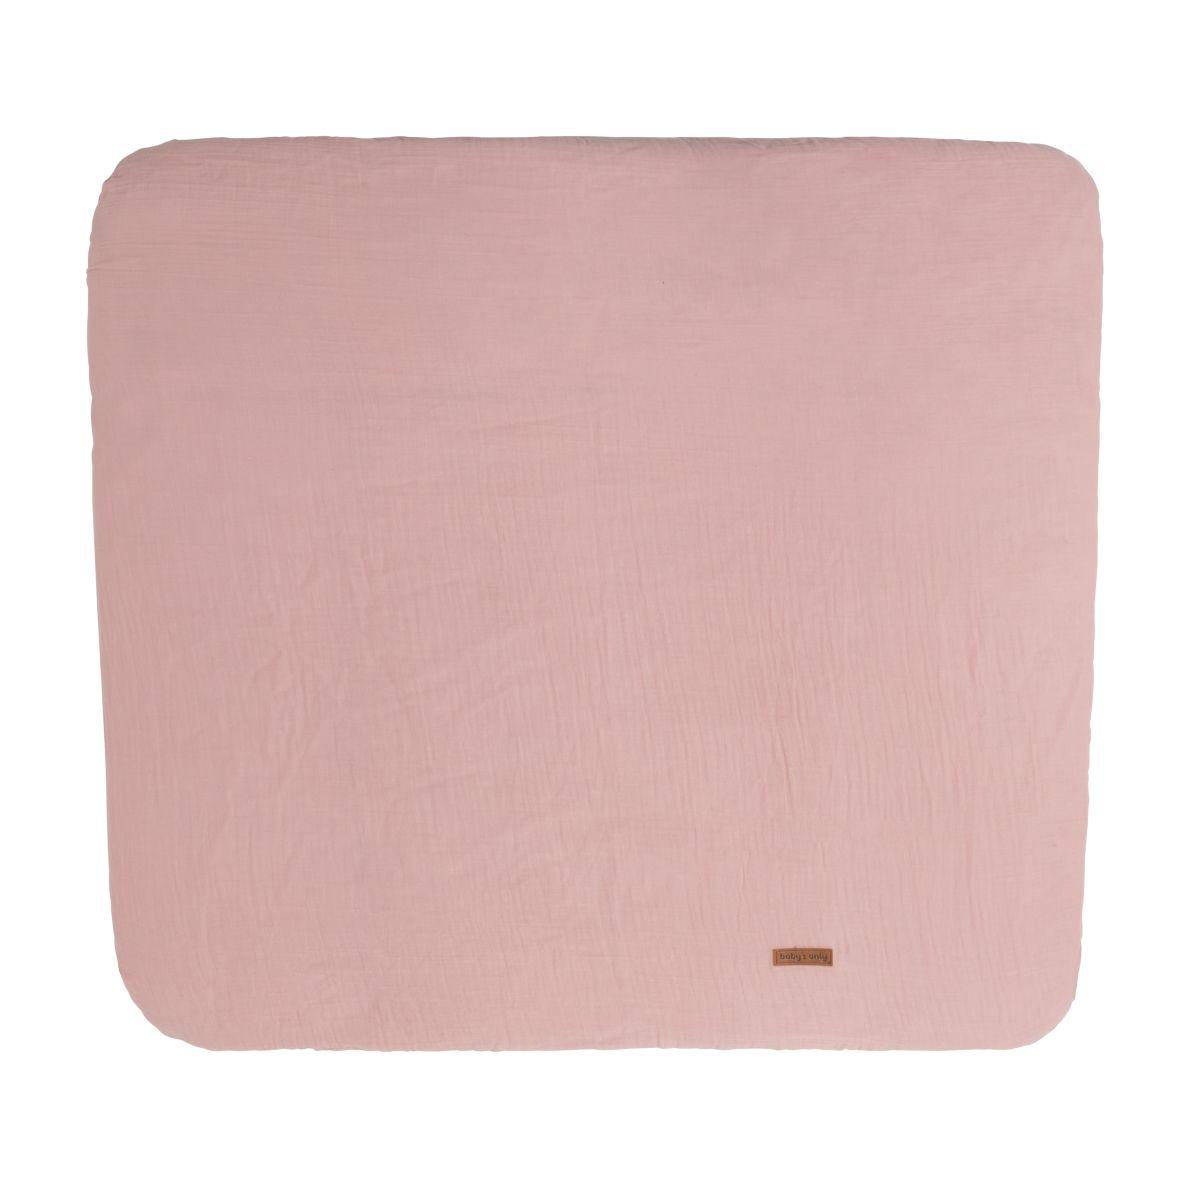 babys only bo023070007 aankleedkussenhoes breeze oud roze 1